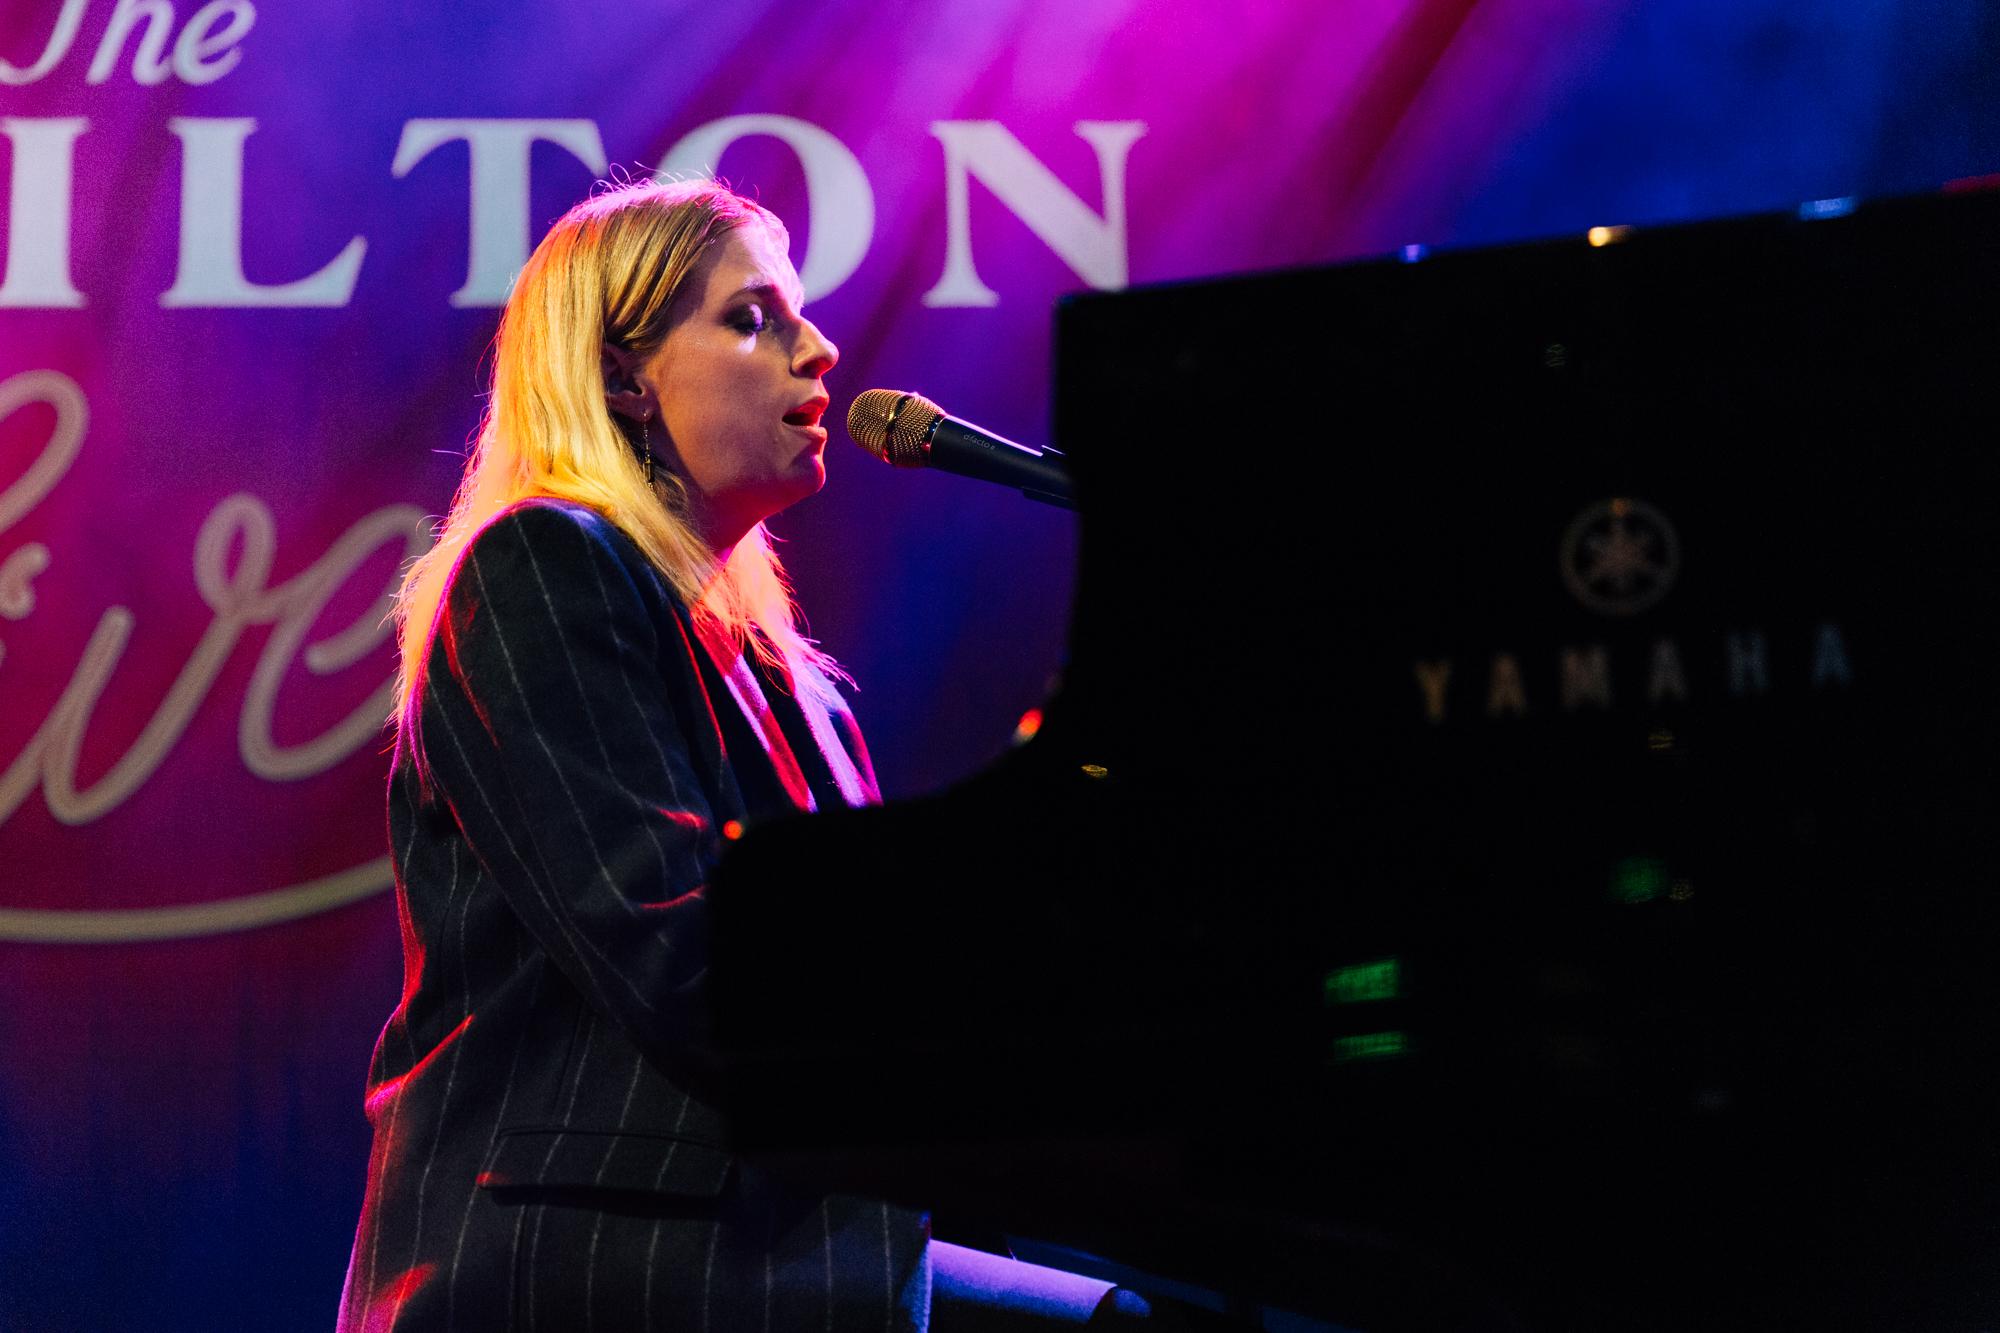 Susanne Sundfør at The Hamilton (Photo by Mauricio Castro /  @themauricio )